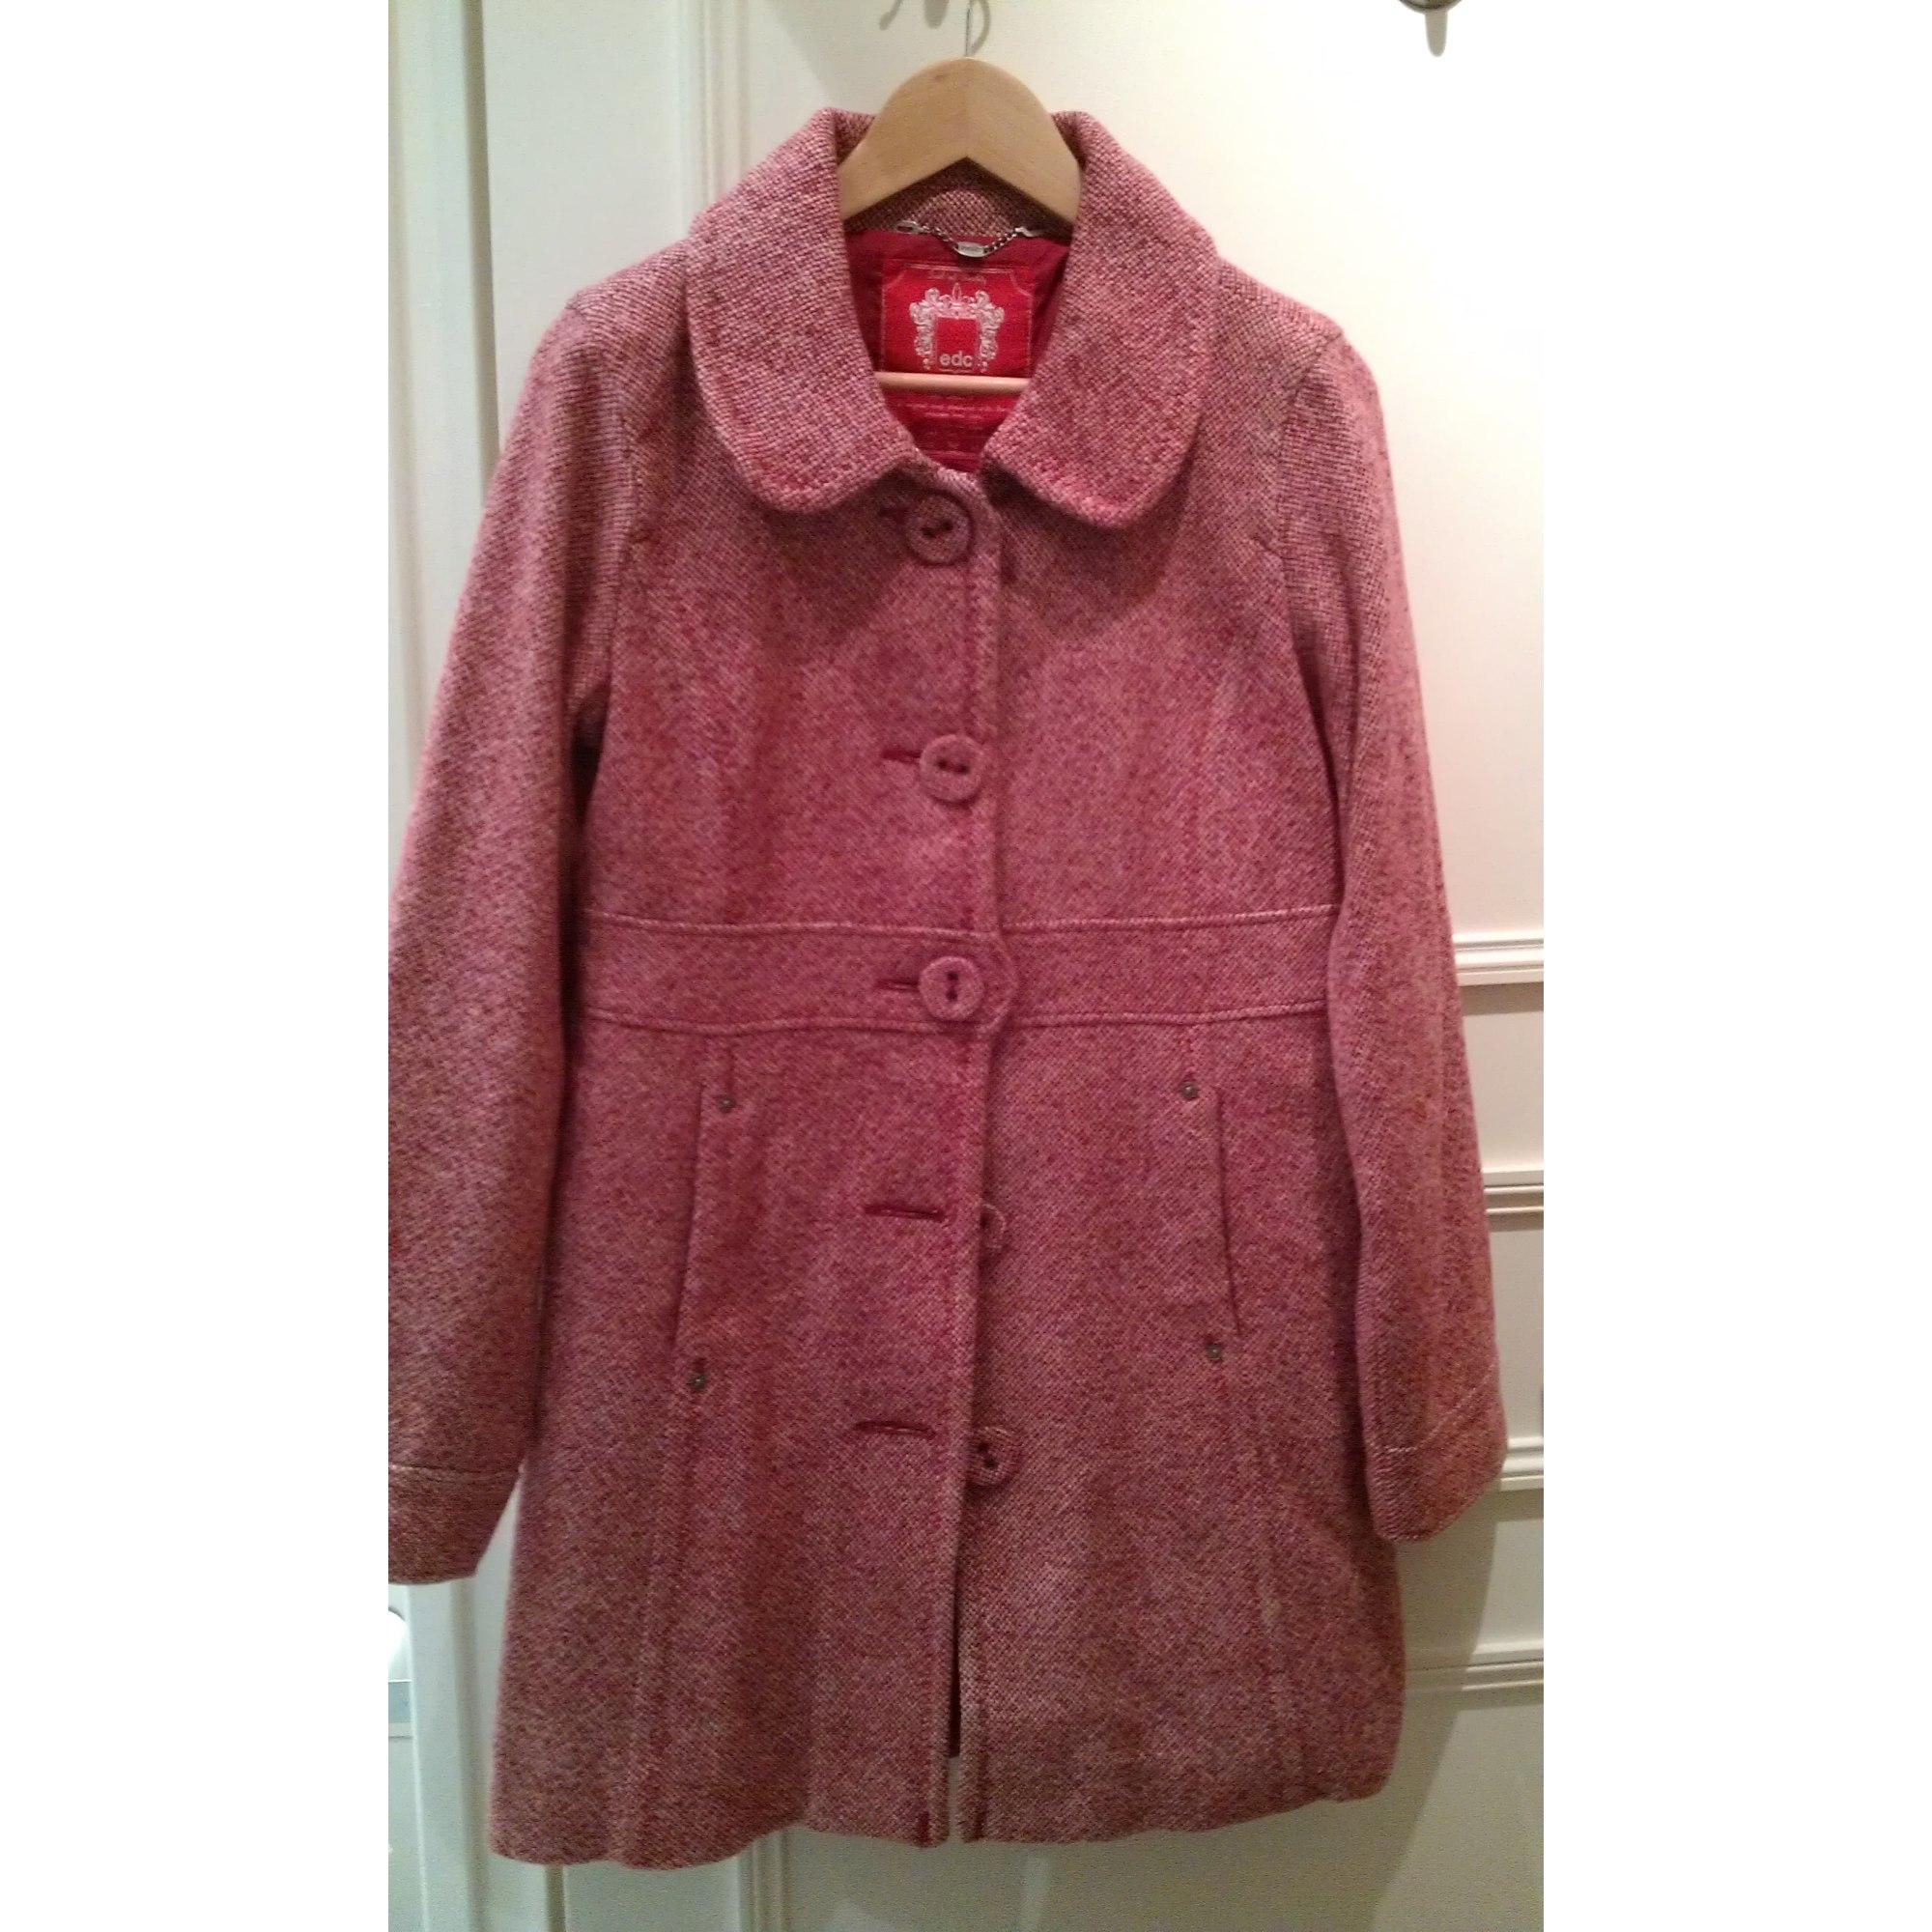 Manteau ESPRIT 38 (M, T2) rouge vendu par Le dressing d anabelle ... 82f2b019db82